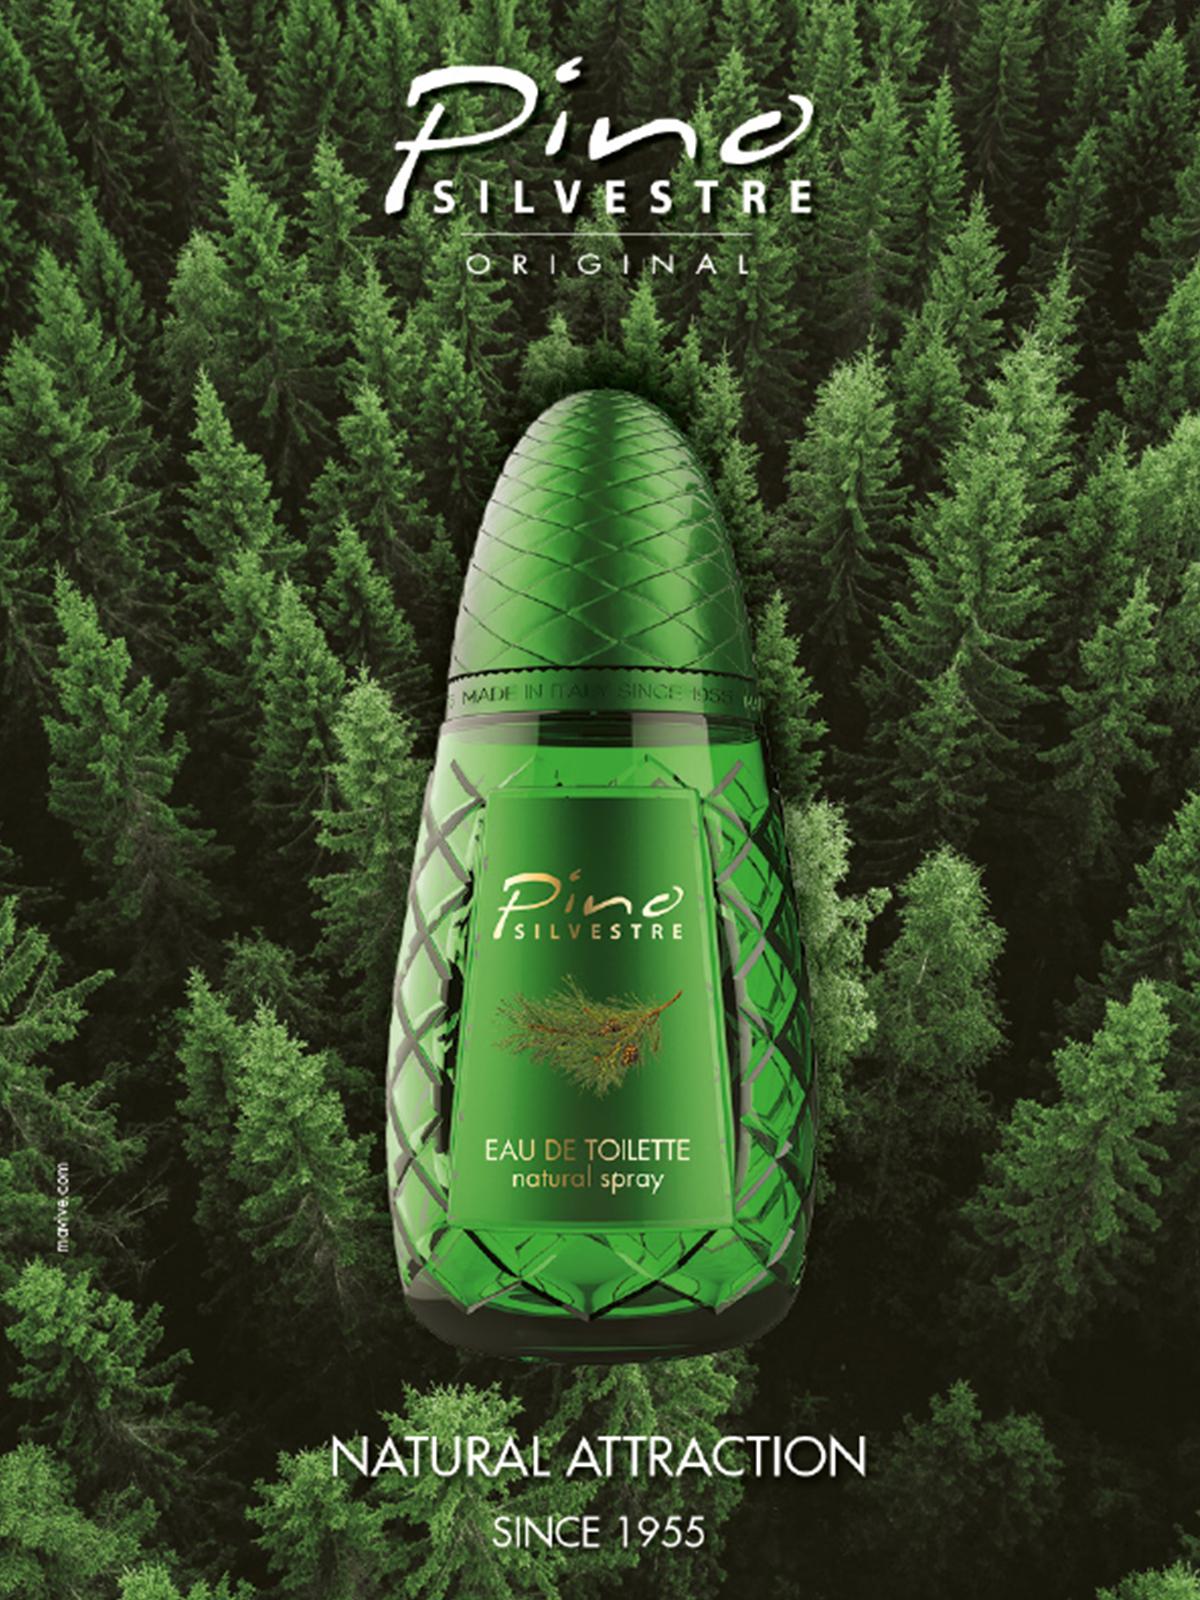 Ein Bild von eine Pino Silvestre Parfum Visual